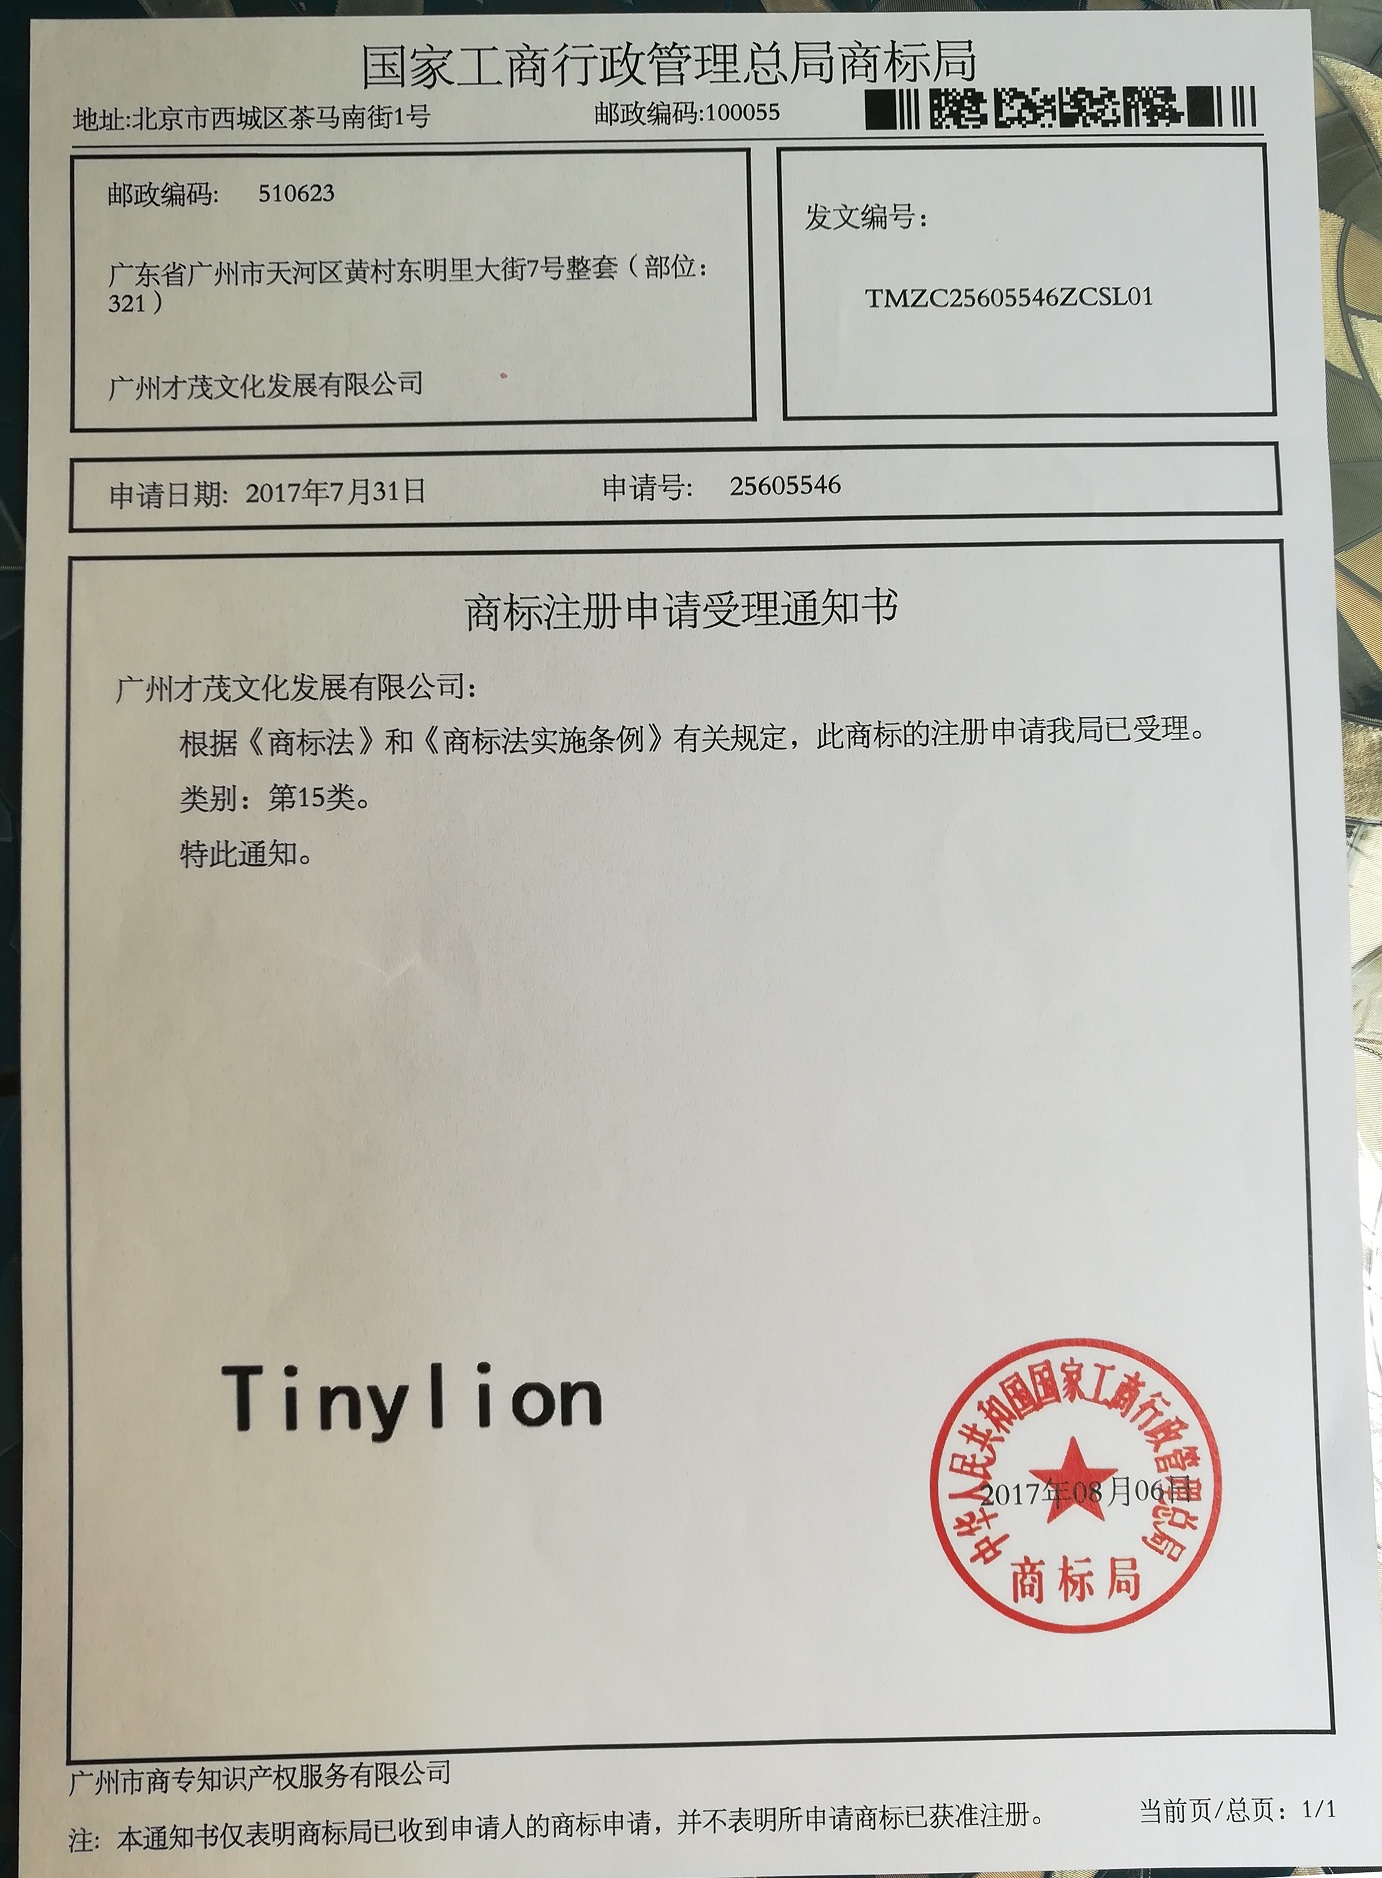 Tinylion